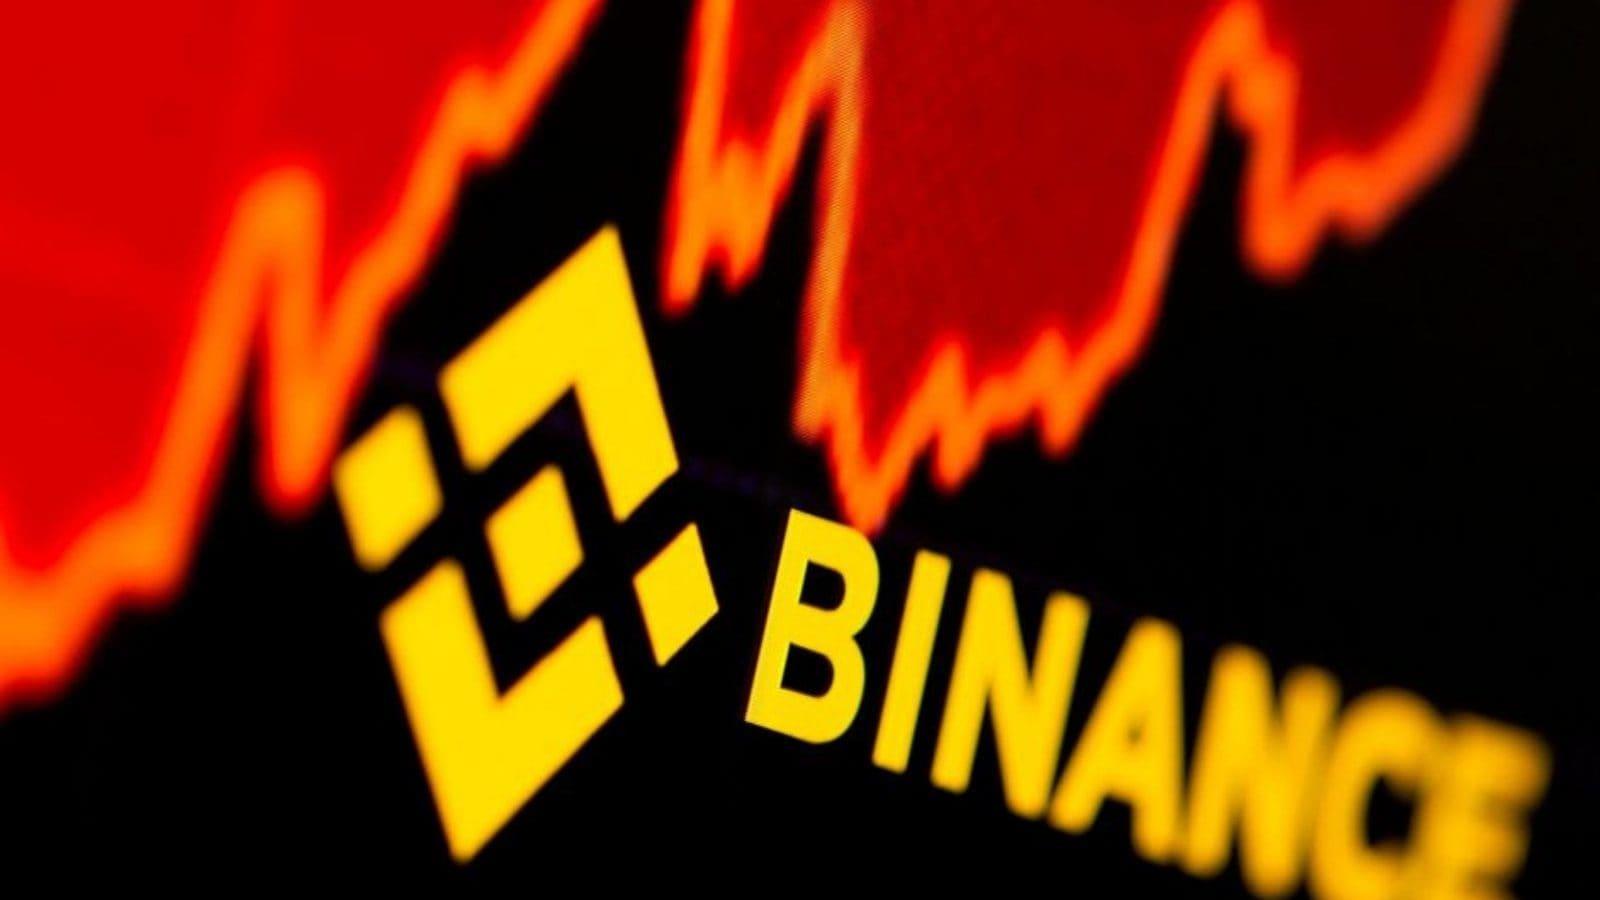 US probe Binance extended insider trading